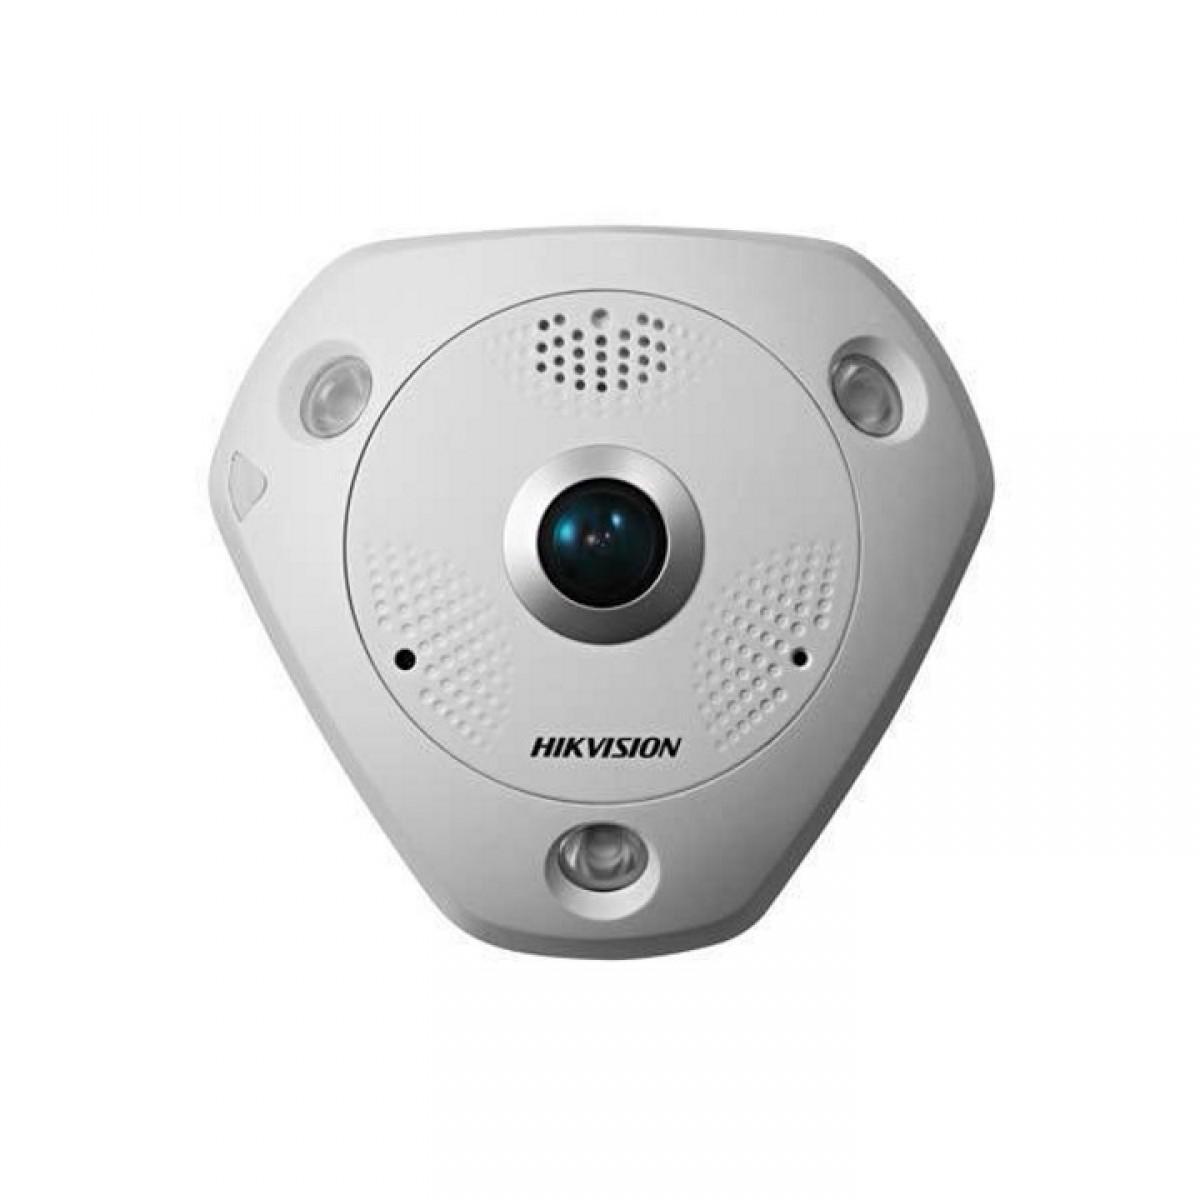 【 屋内用 360° ネットワーク 全方位 カメラ 】 防犯カメラ 監視カメラ IP 12メガピクセル 約1200万画素 4k 360度 カメラ HIKVISION(ハイクビジョン) DS-2CD63C2F-IS